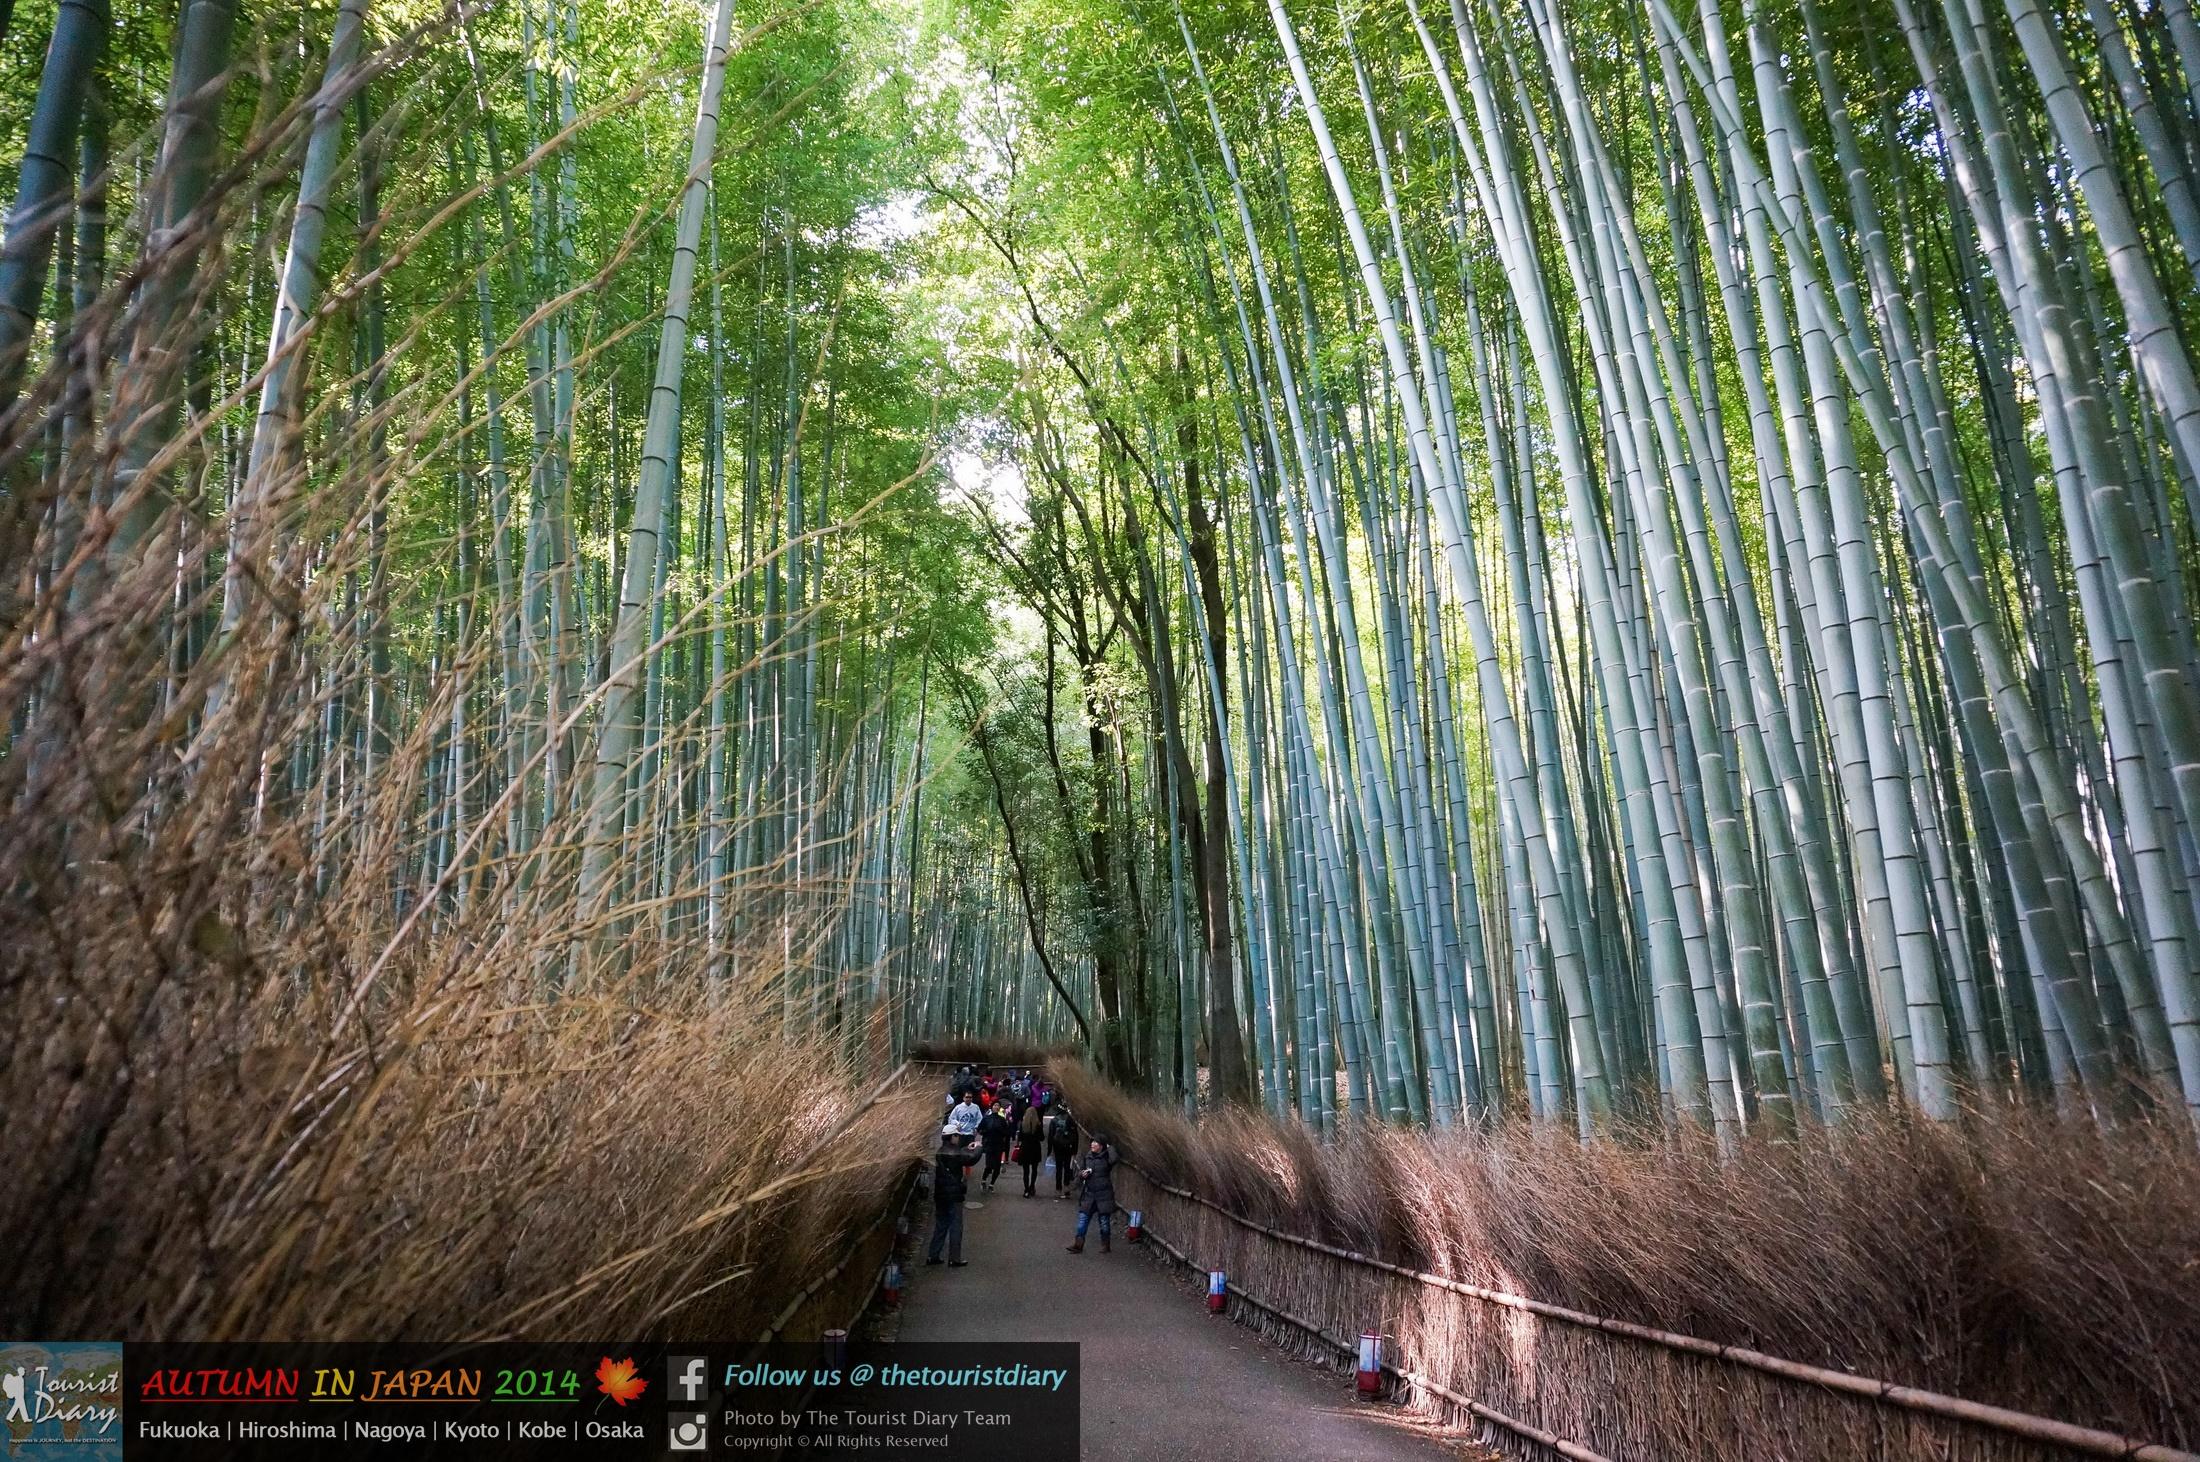 Kyoto | Arashiyama เดินเลียบป่าไผ่ นั่งรถไฟสายโรแมนติก